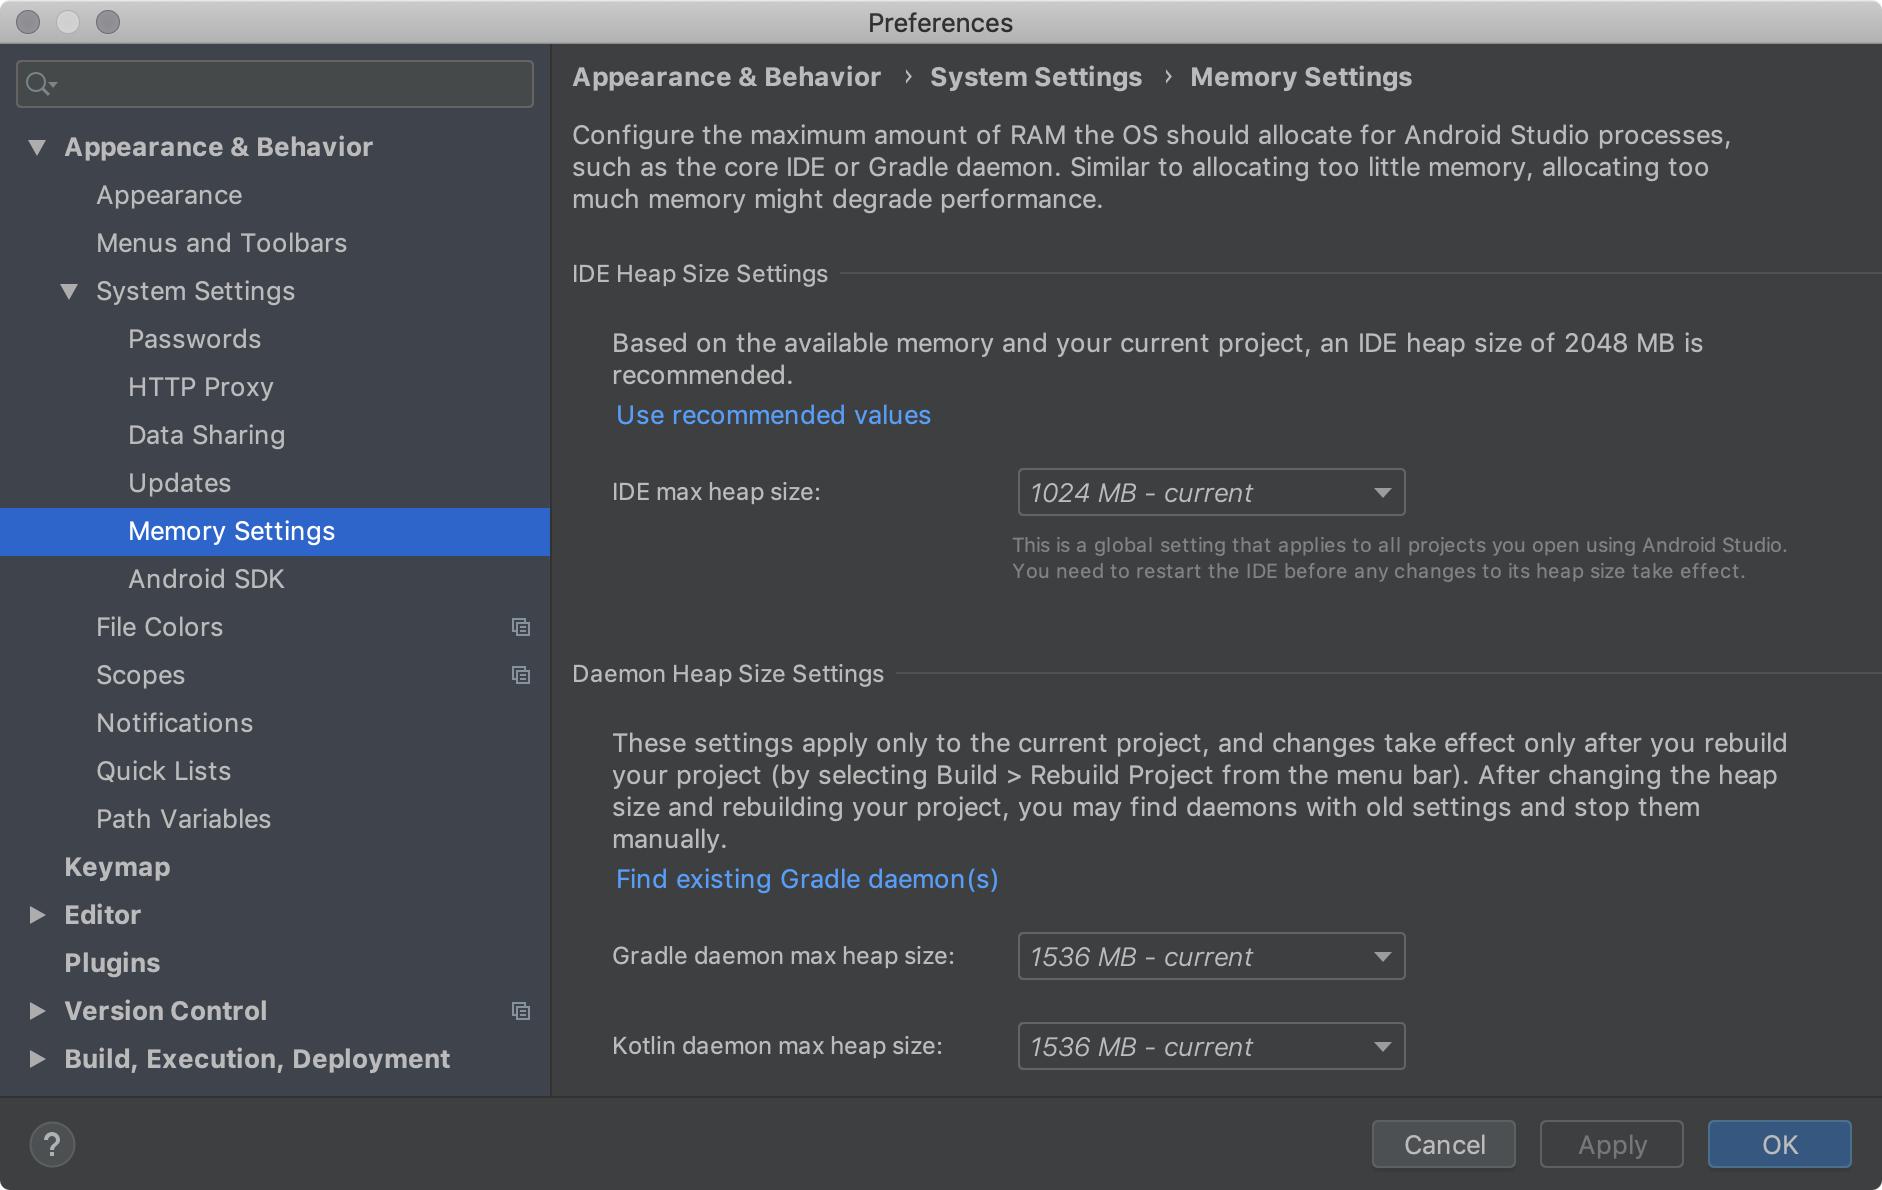 Setelan memori, yang memungkinkan Anda mengonfigurasi jumlah maksimum RAM    untuk proses Android Studio.